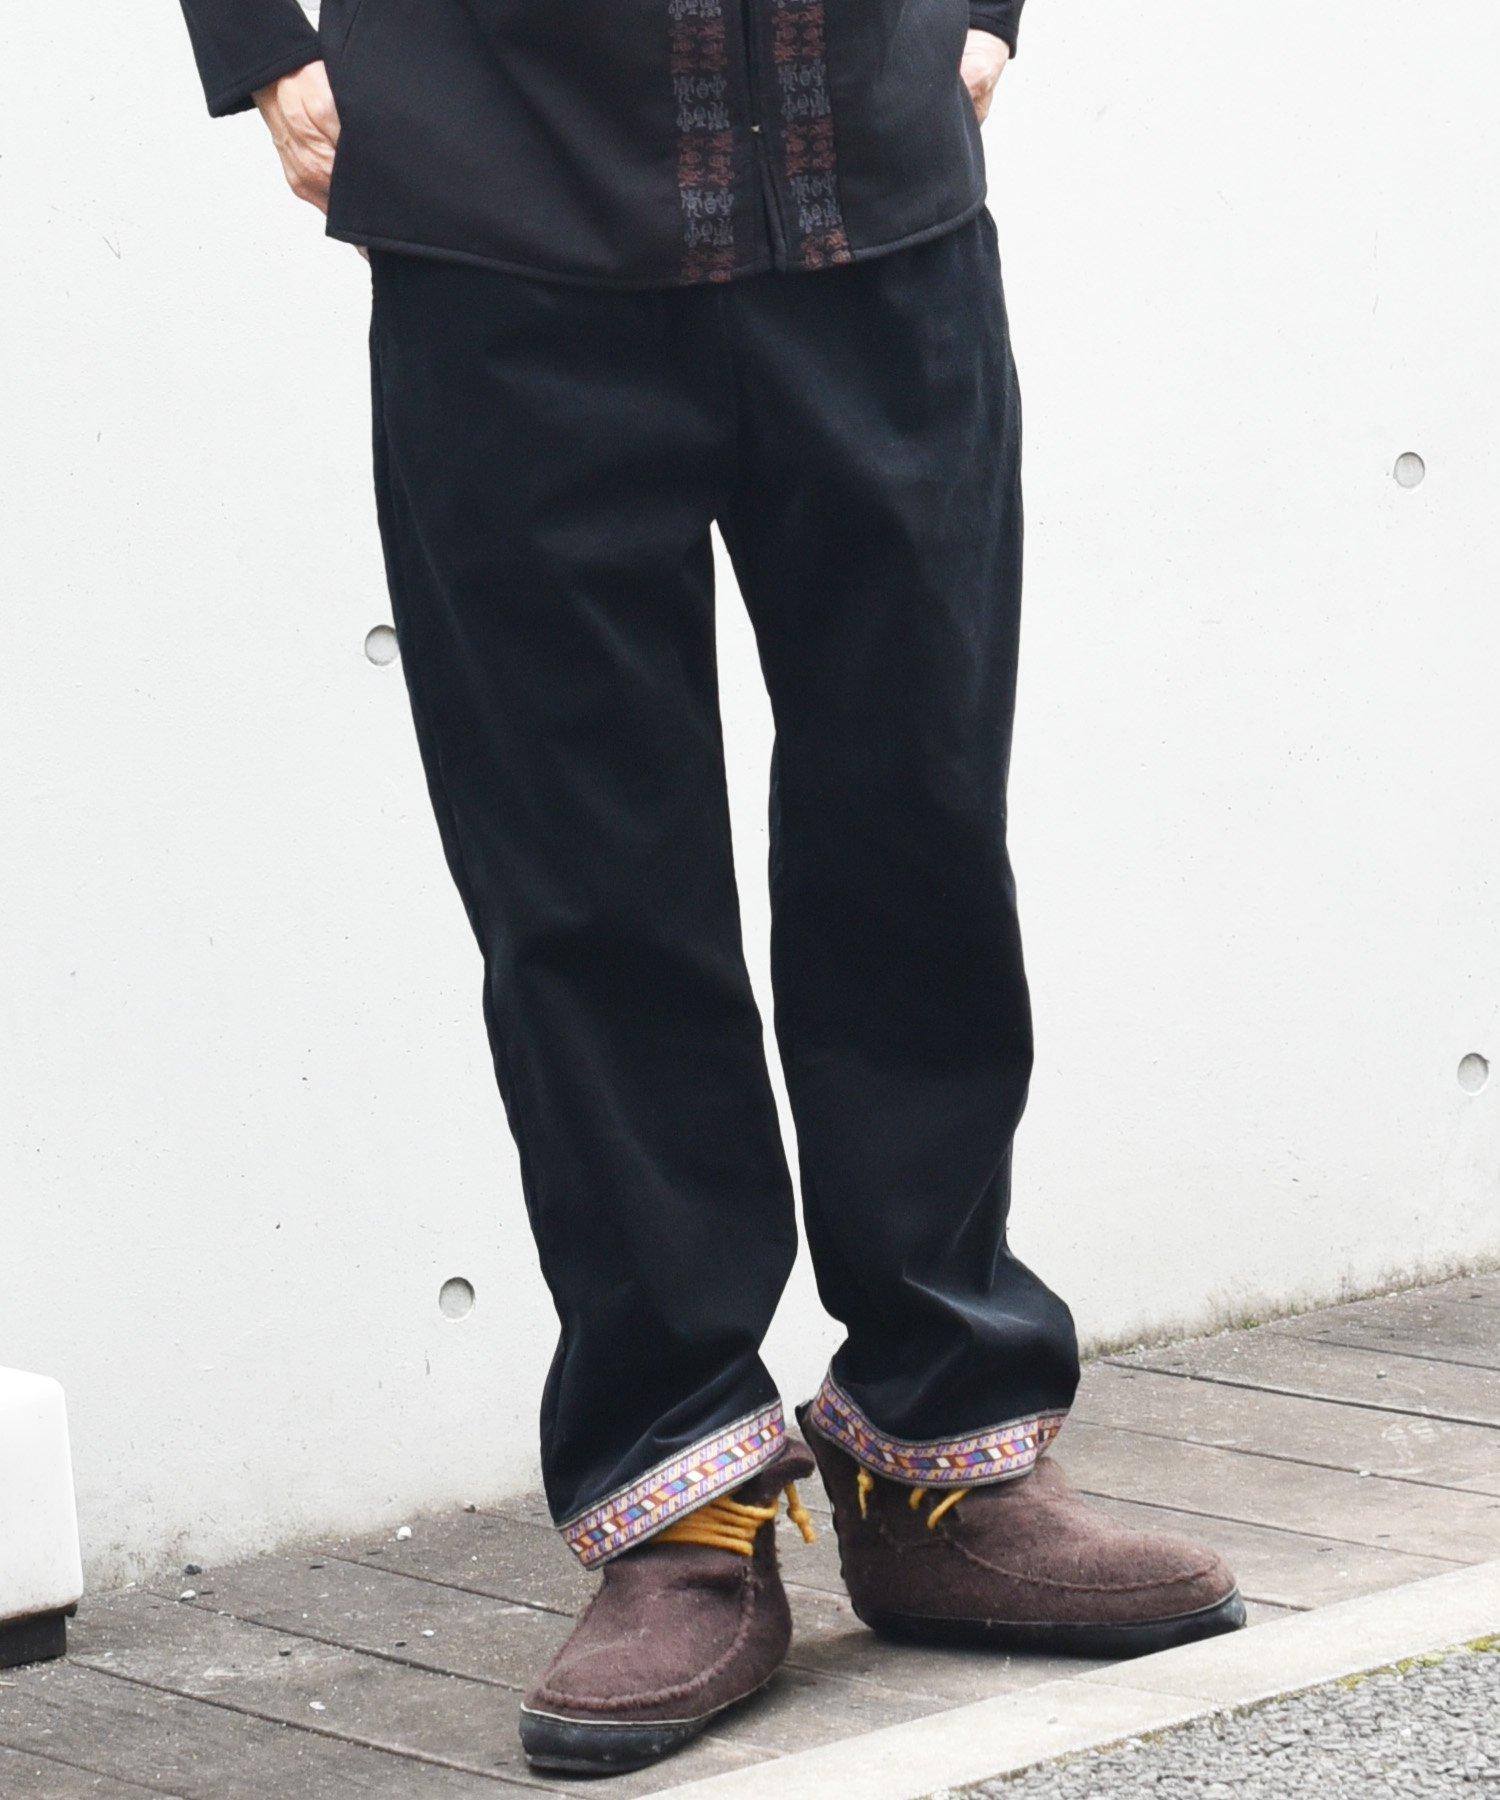 【6周年感謝祭 50%off!】ARIGATO FAKKYU - アリガトファッキュ  Velcro pants / 4 colors